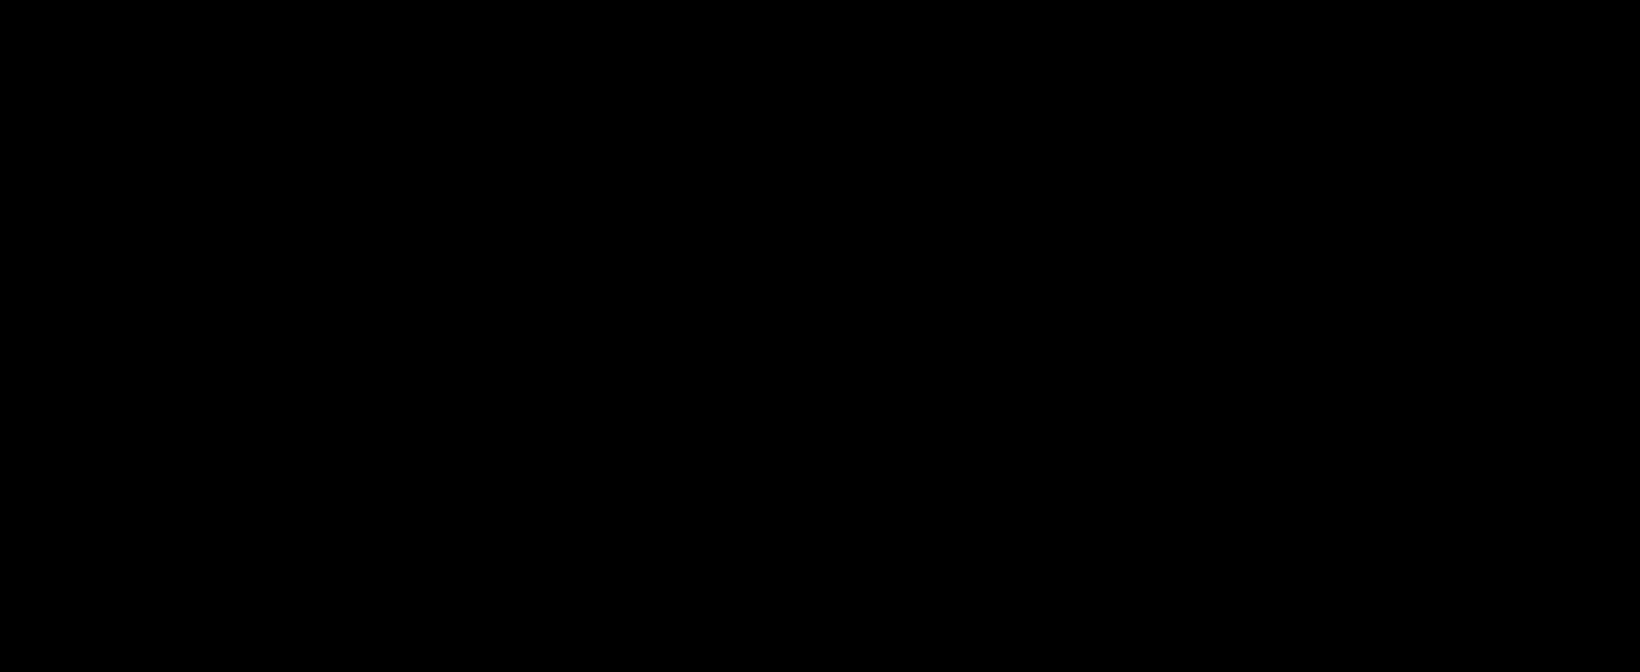 LevothyroxineEP impurity K